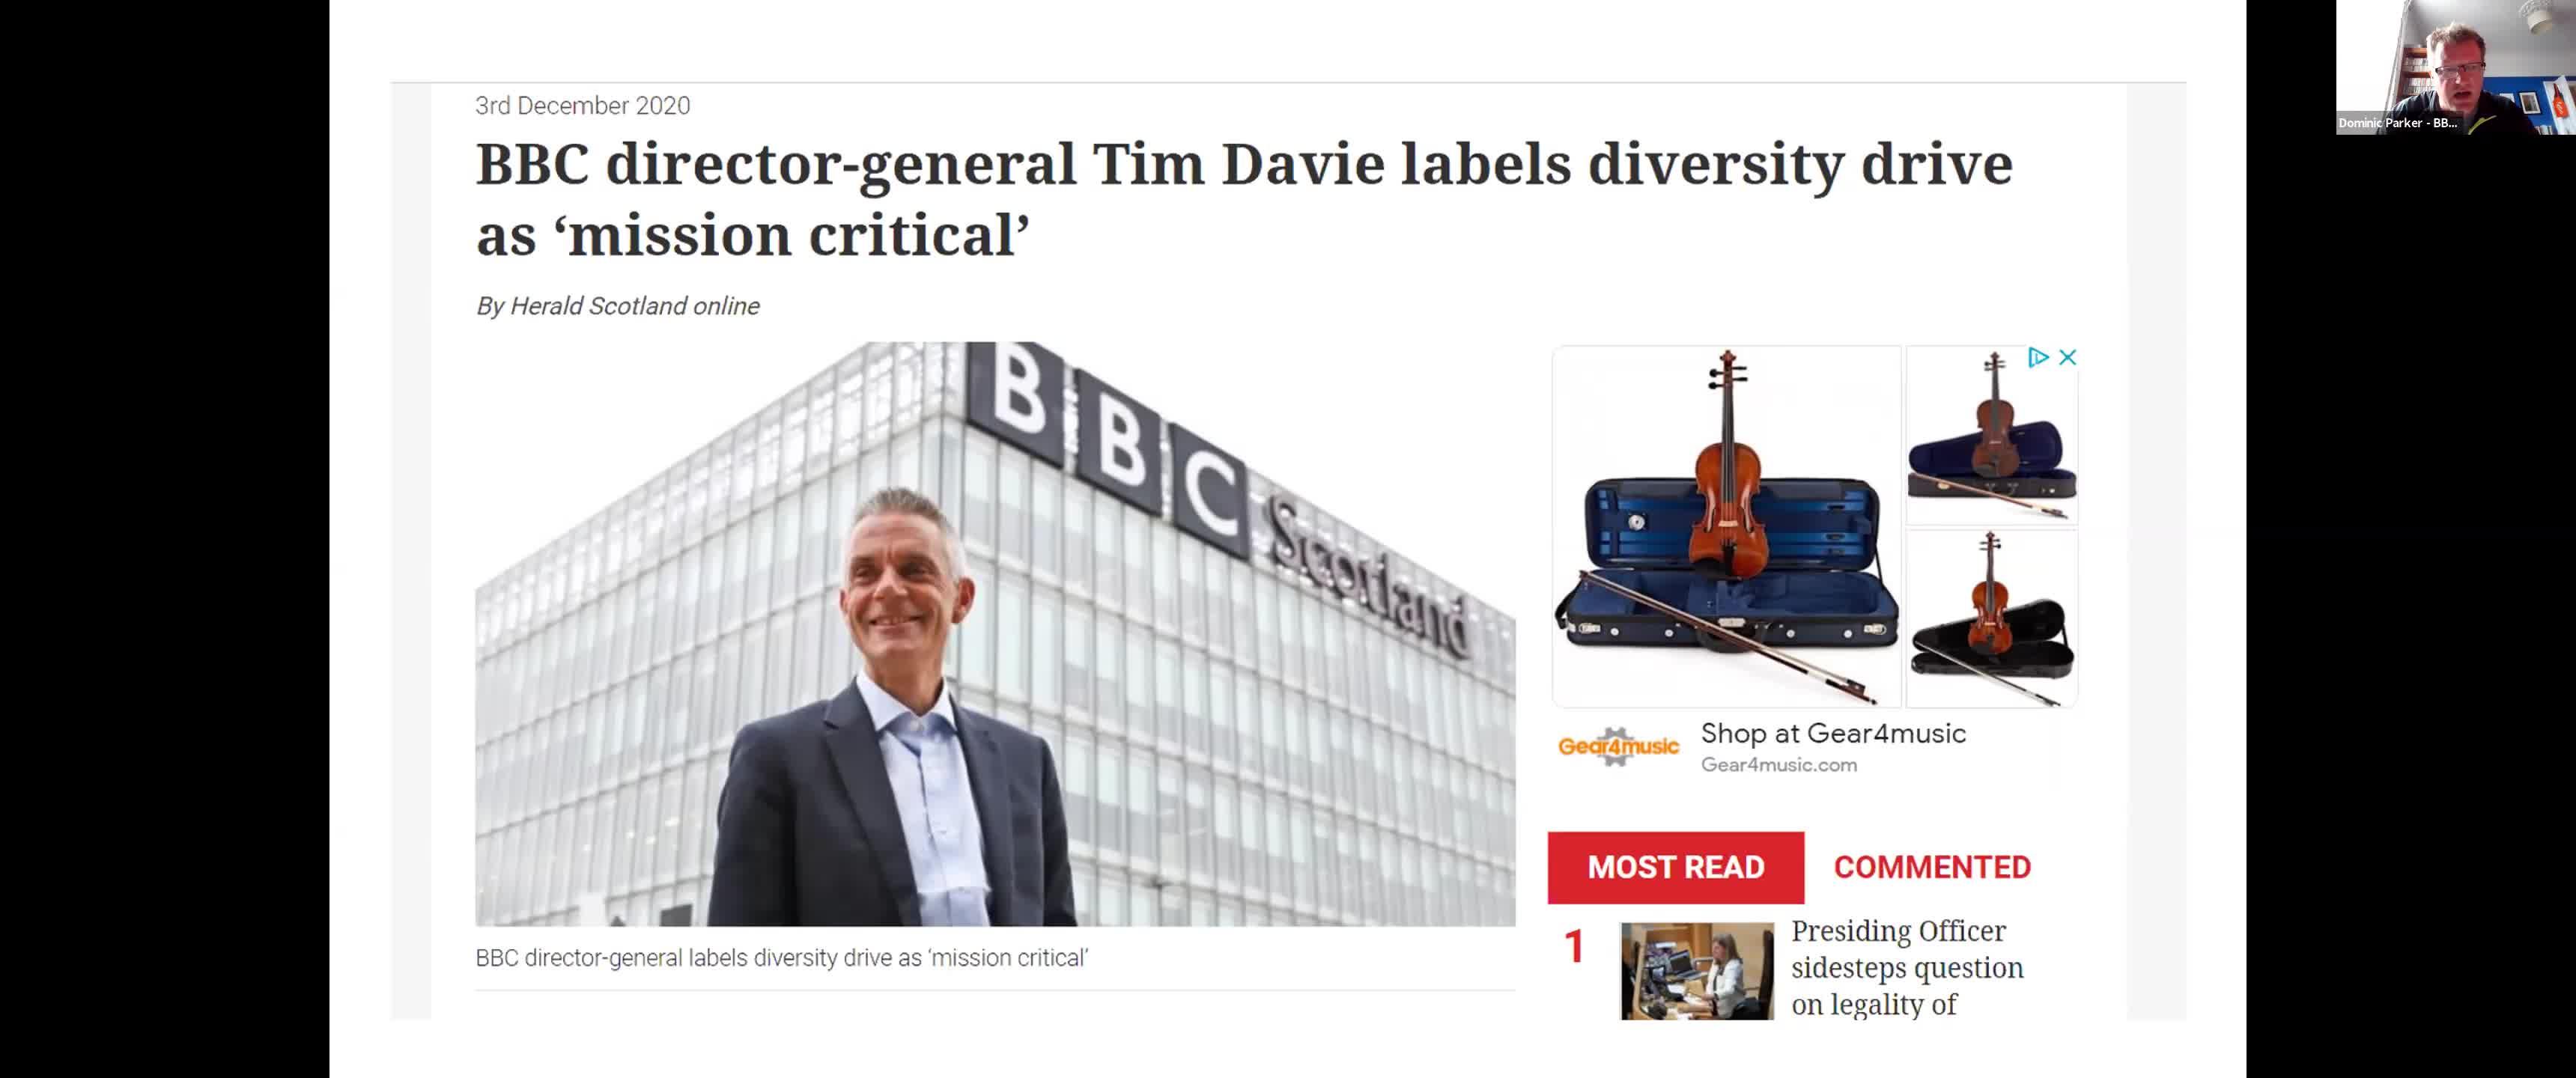 Diversity – 'Mission Critical'